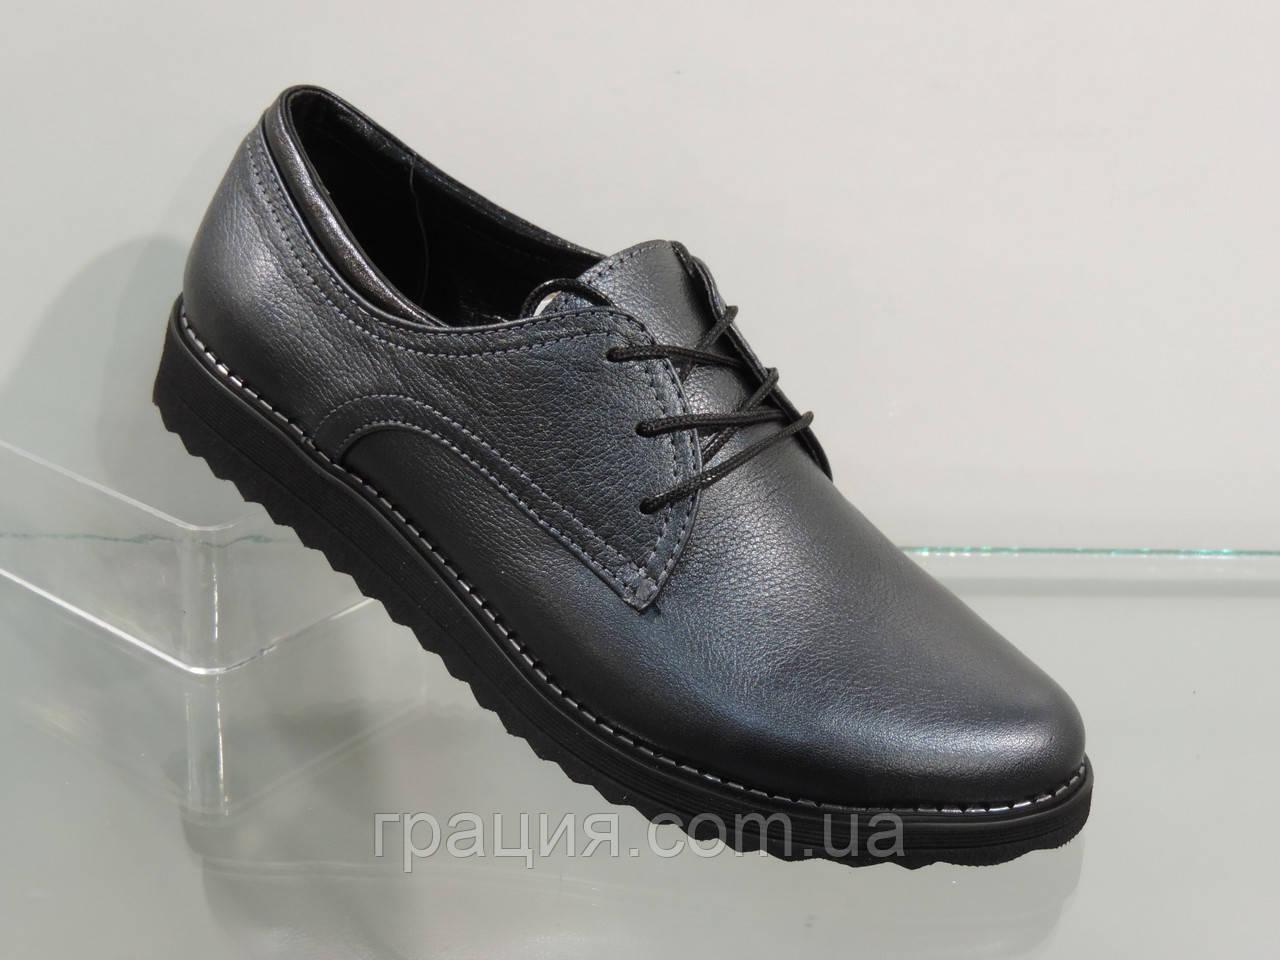 Жіночі повсякденні туфлі на шнурівці легкі зручні